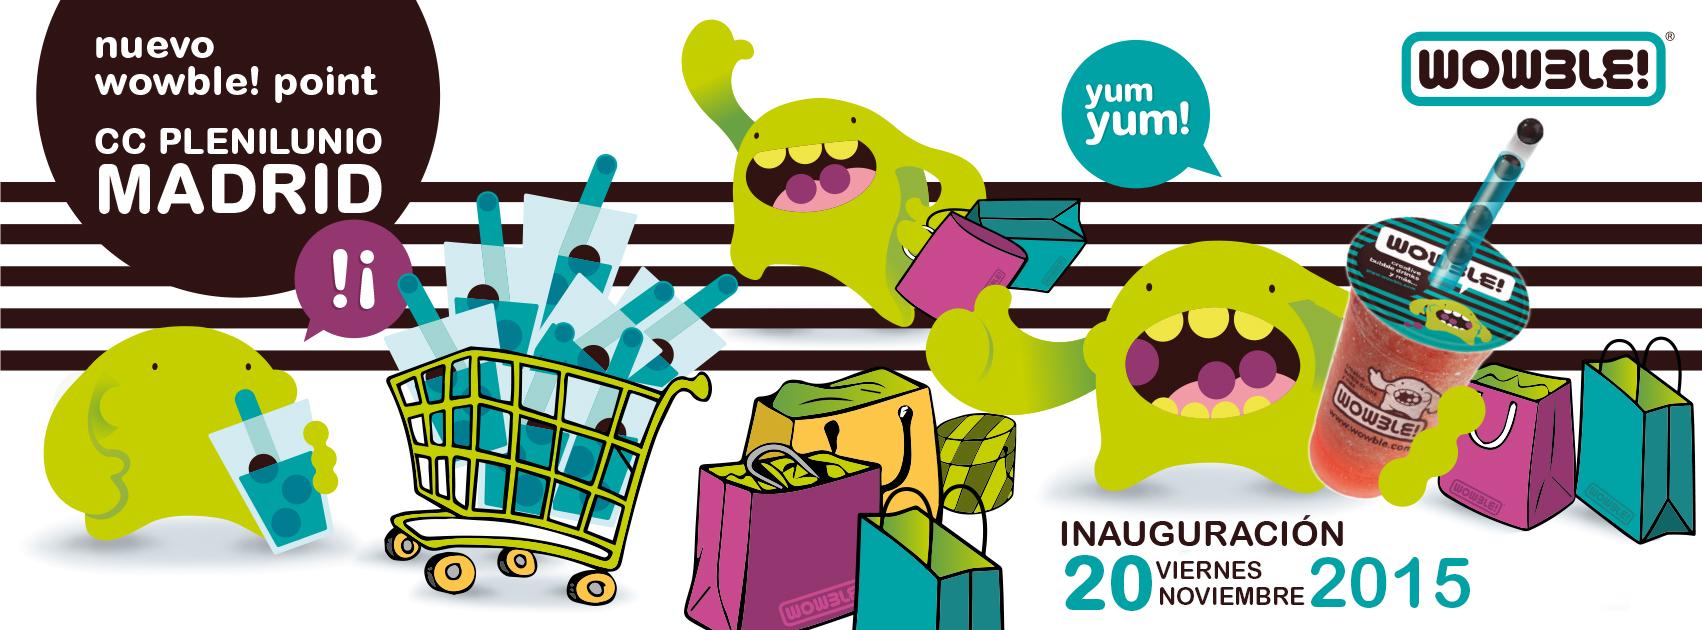 Wowble! gratis en la nueva tienda del Centro Comercial Plenilunio